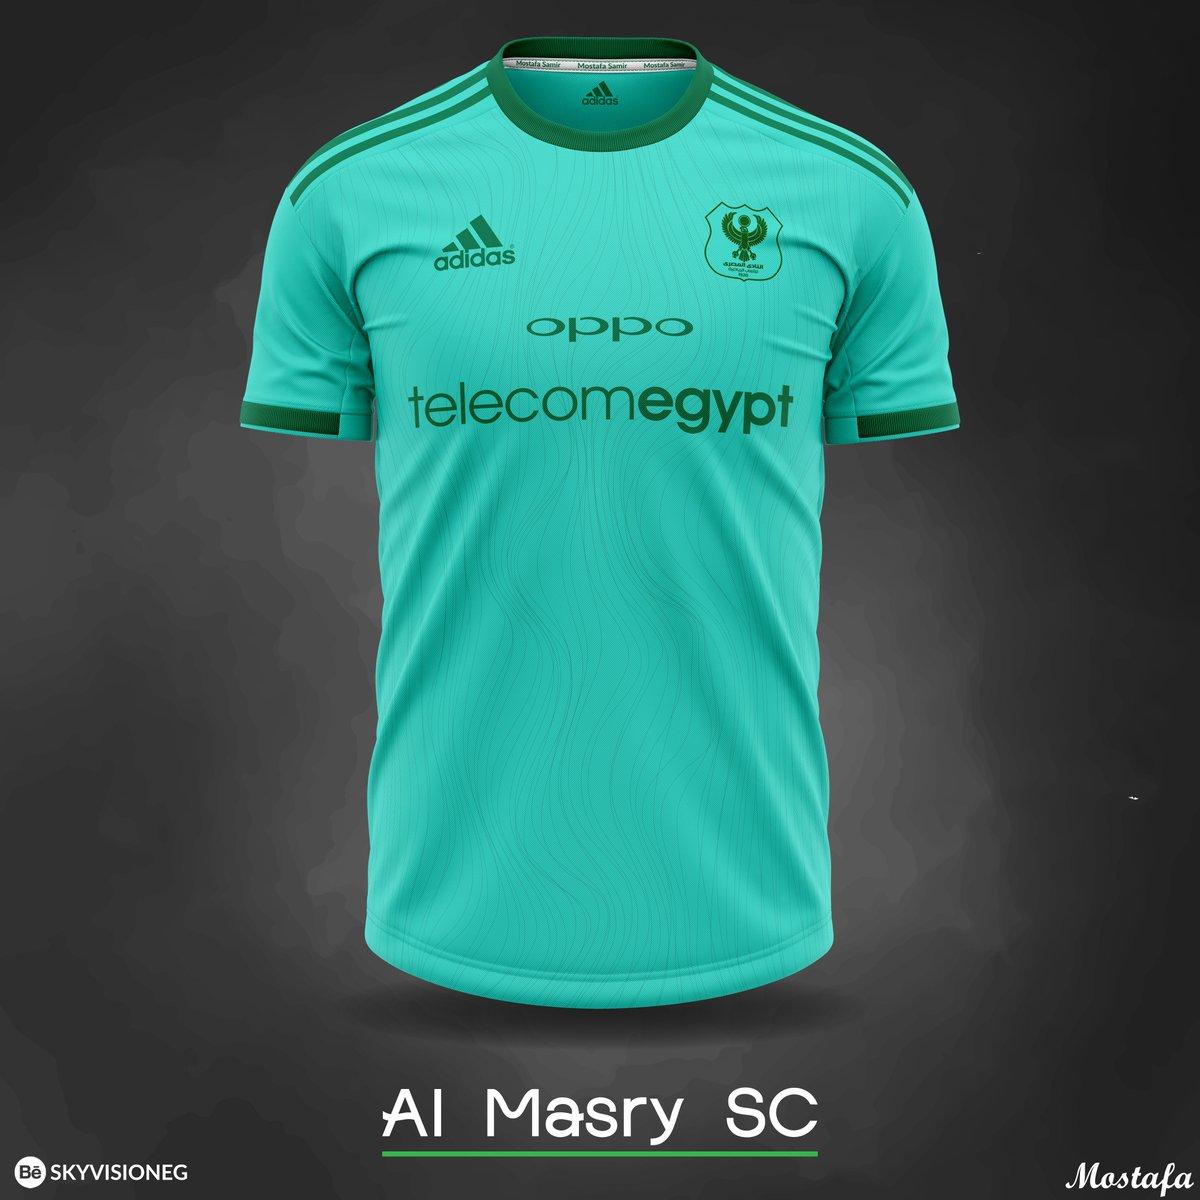 تصميم مقترح لتيشيرت نادي المصري البورسعيدي @AlMasrySC #ALMASRY#المصري #بورسعيد1-3